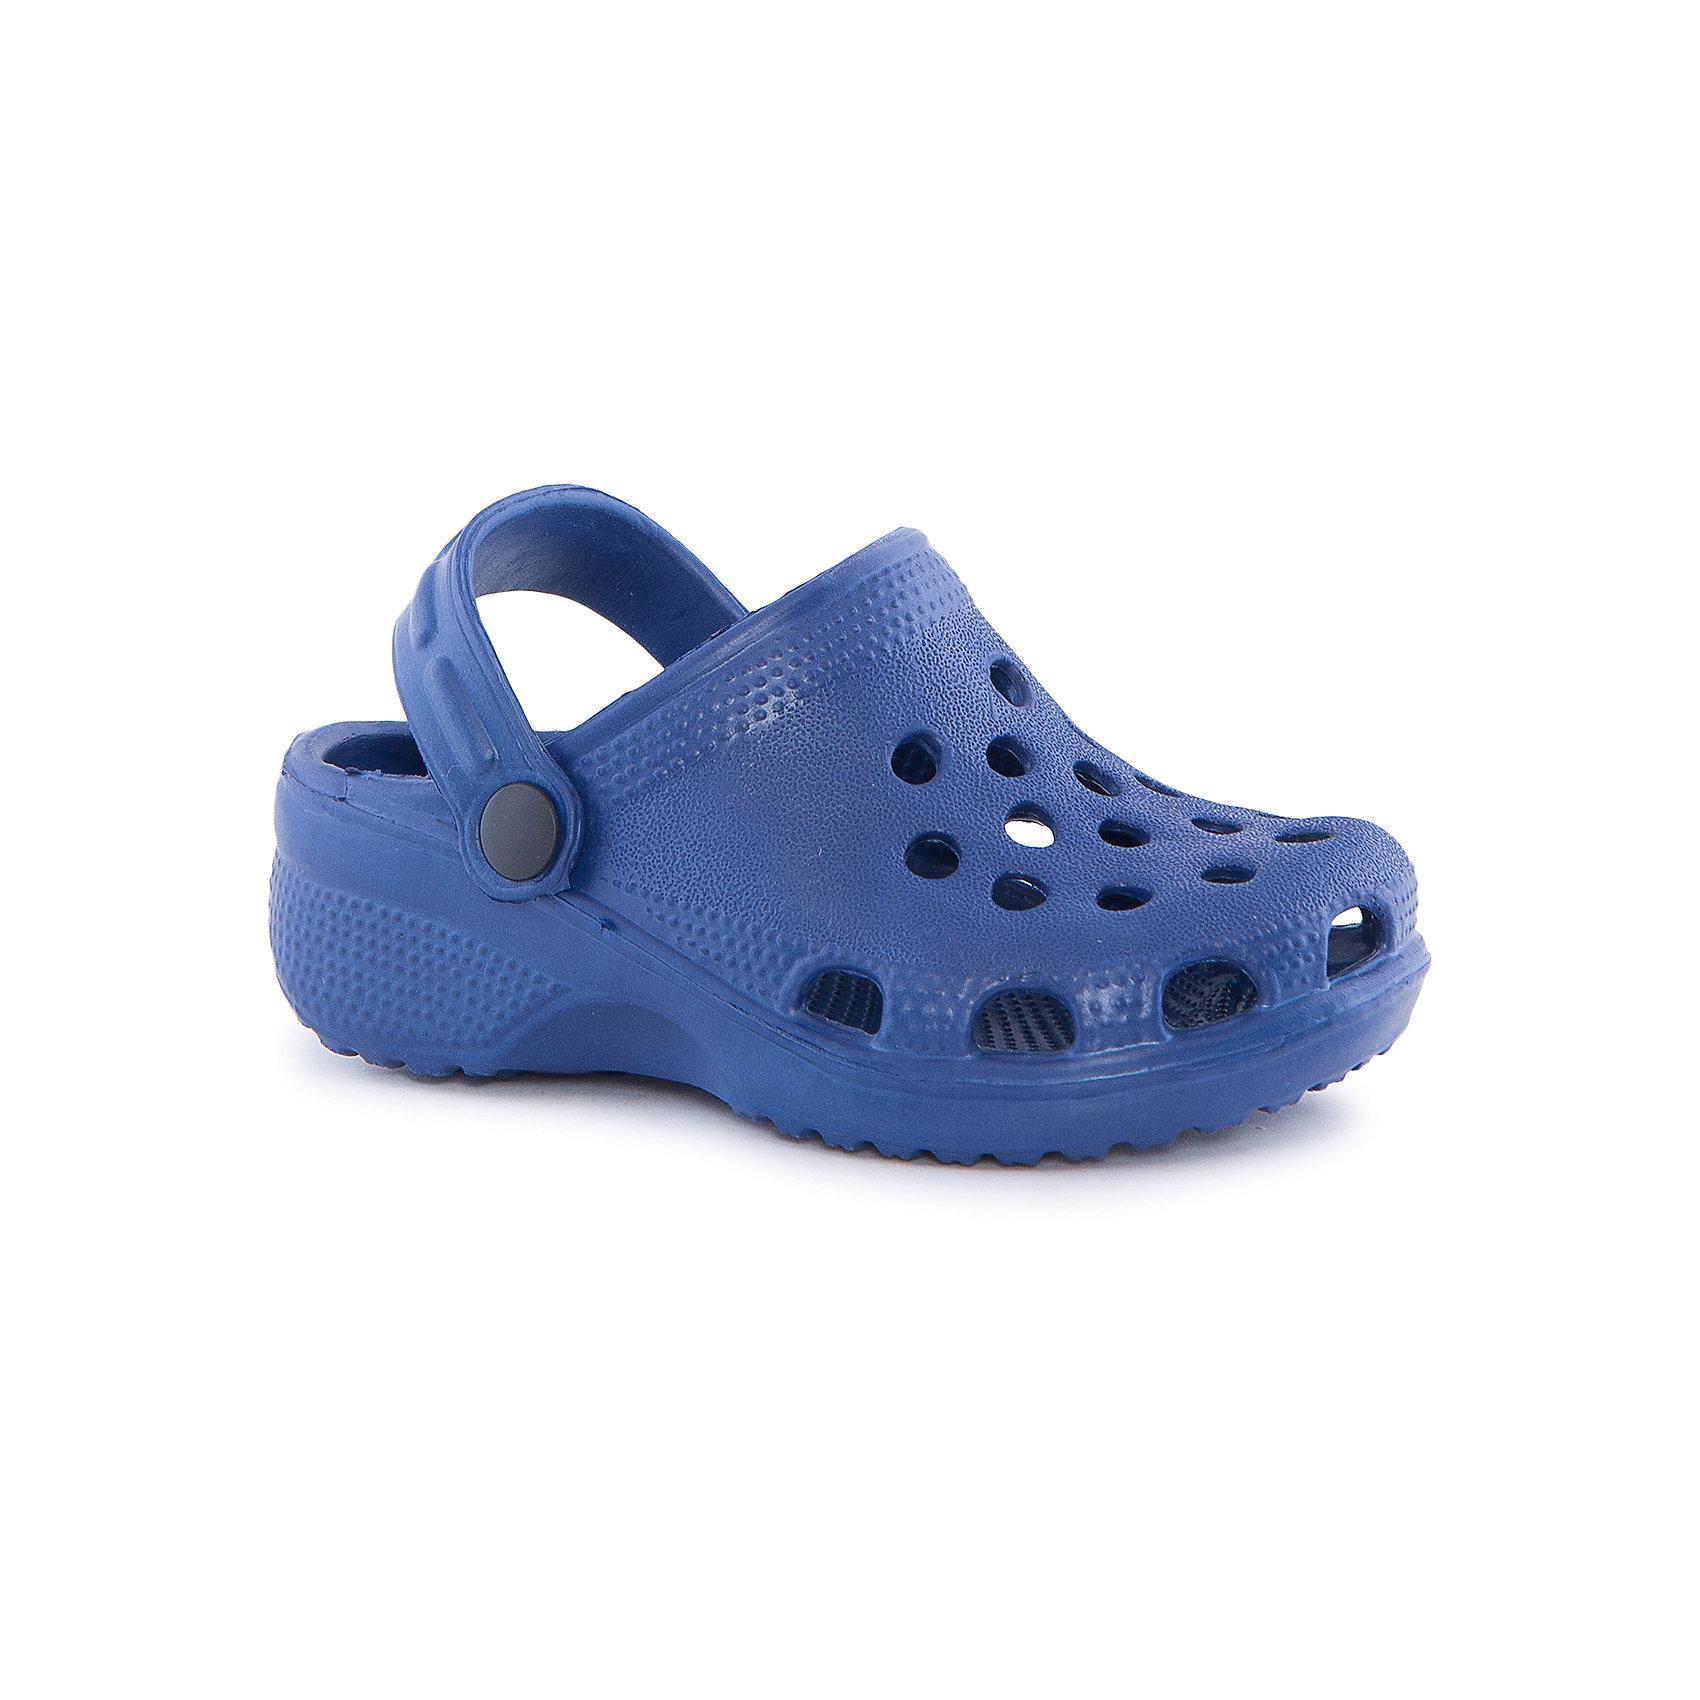 Сабо для мальчика PlayTodayПляжная обувь<br>Пантолеты для мальчика PlayToday <br><br>Состав: 100% этилвинилацетат <br><br>Очень легкие<br>Темно-синий цвет<br>Верх с перфорацией<br>Подошва с рифлением<br><br>Ширина мм: 225<br>Глубина мм: 139<br>Высота мм: 112<br>Вес г: 290<br>Цвет: полуночно-синий<br>Возраст от месяцев: 18<br>Возраст до месяцев: 21<br>Пол: Мужской<br>Возраст: Детский<br>Размер: 23,22,24,21,20,19<br>SKU: 4508184